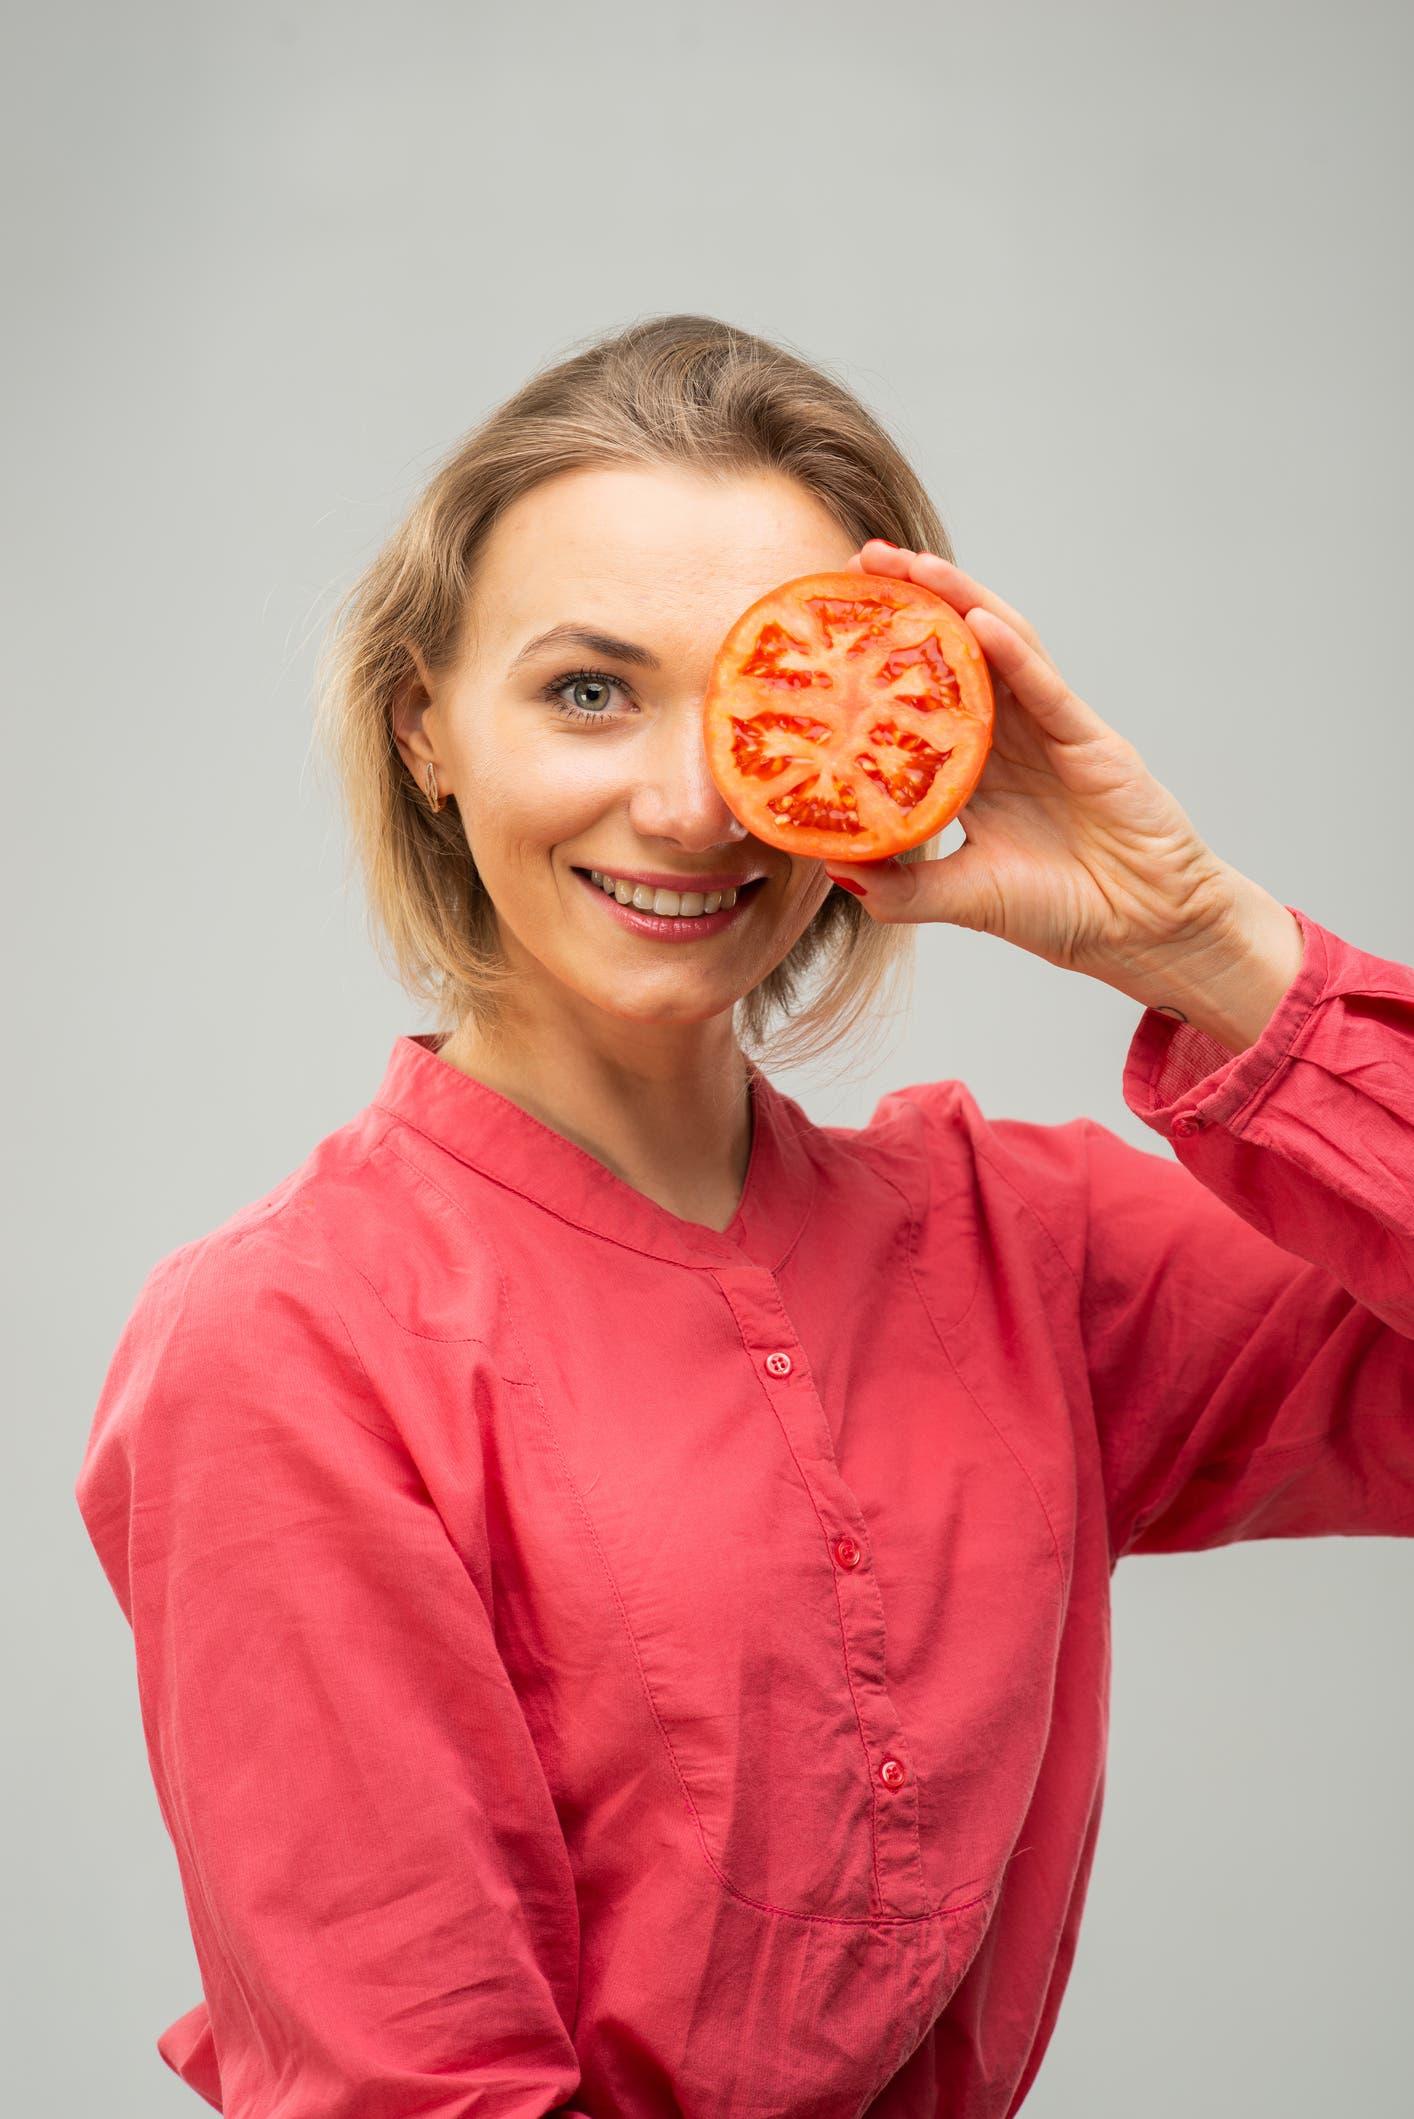 تساعد الطماطم على تهدئة ضربات الشمس والتخفيف من احمرار البشرة